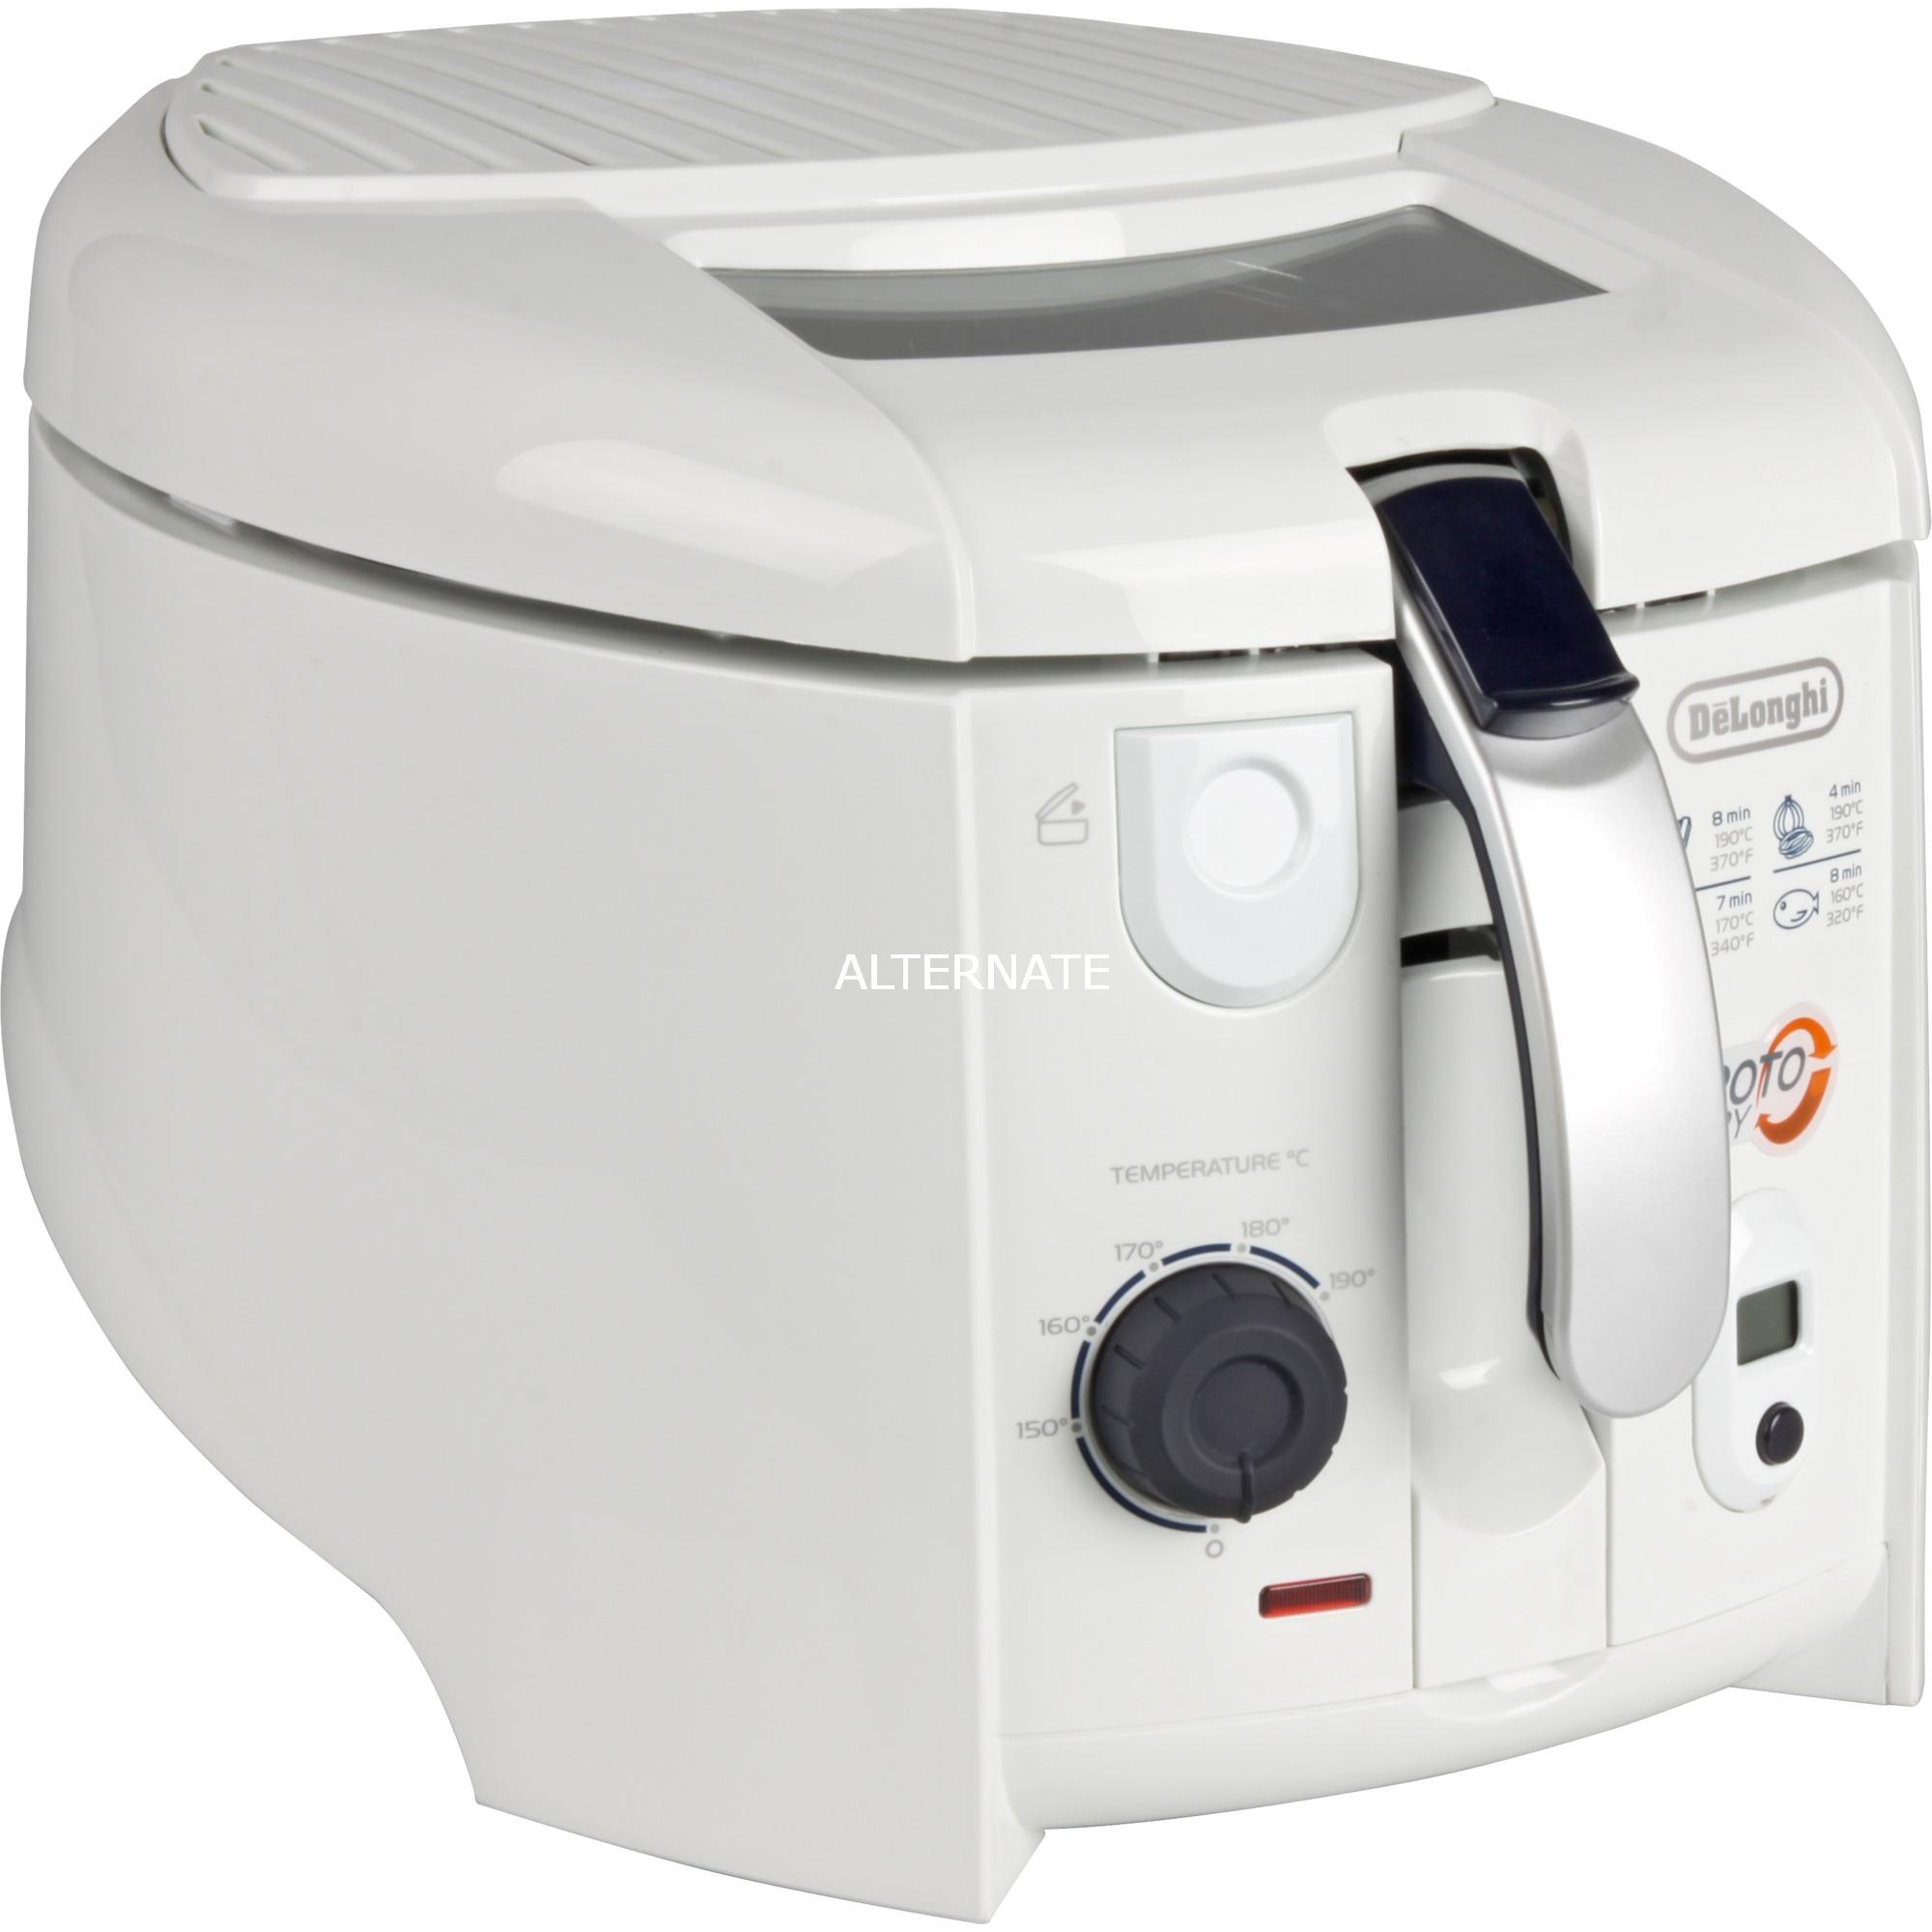 F 28533 Solo 1800W Color blanco freidora